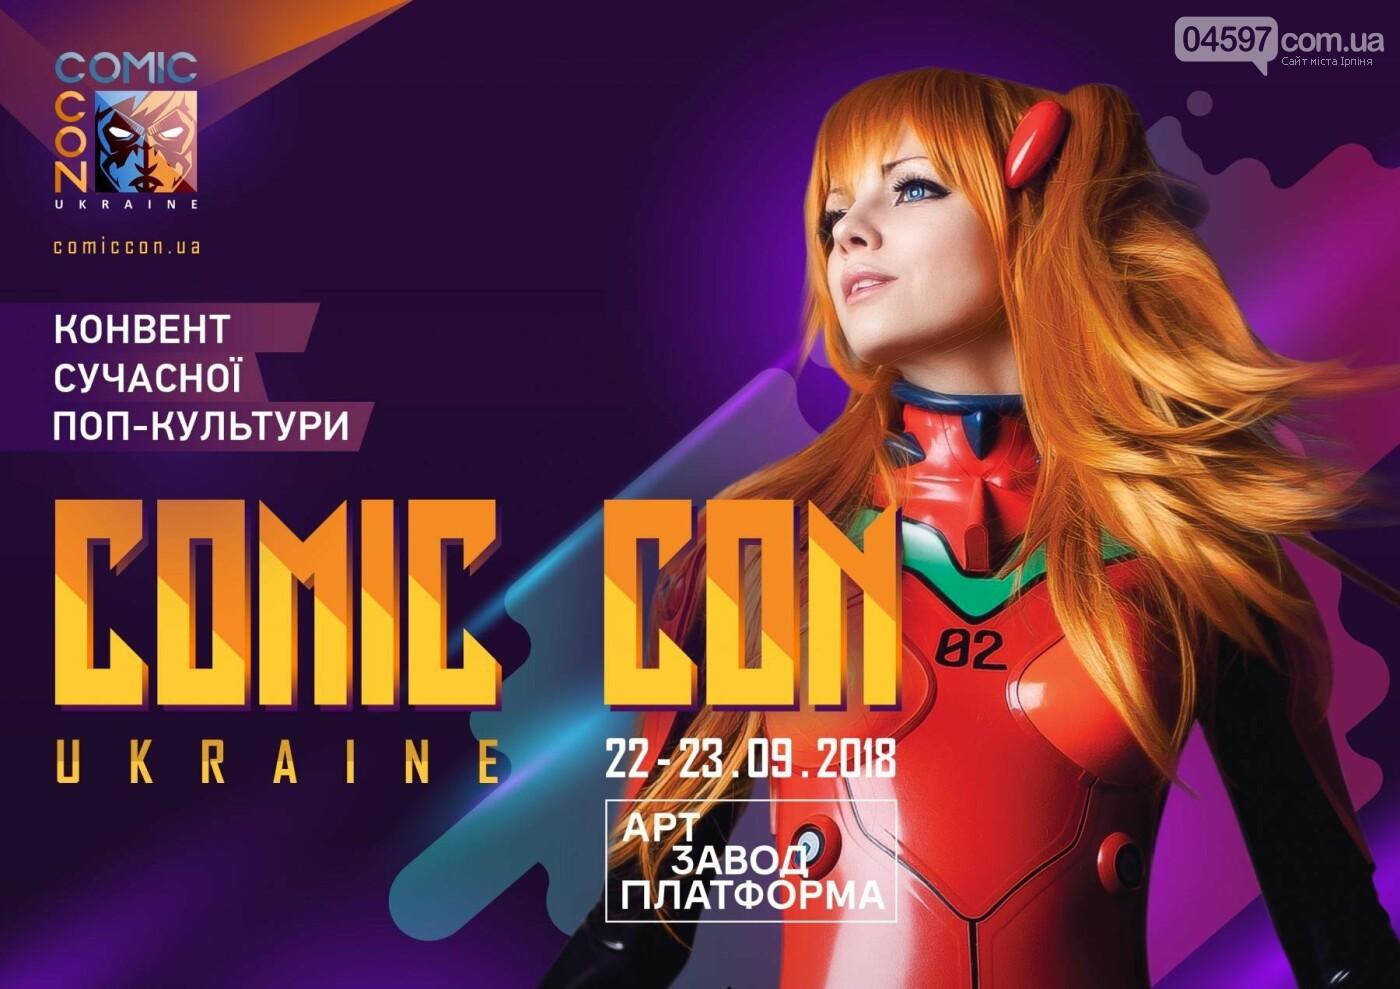 В Києві пройде фестиваль Comic Con, фото-1